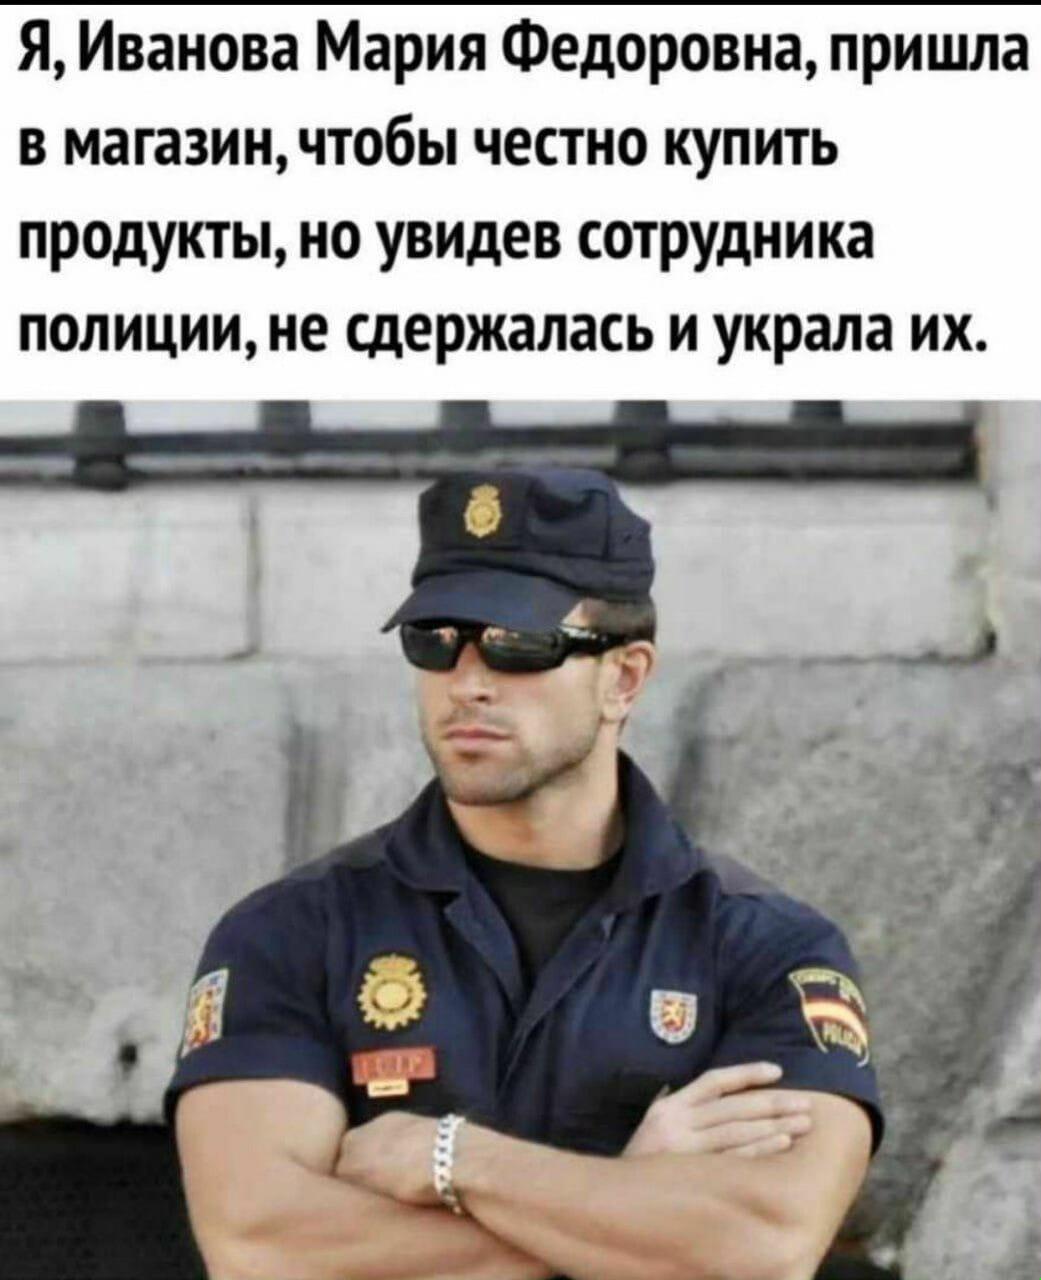 — Ефим Моисеевич, какое Ваше главное достоинство? — Несгибаемость!... Весёлые,прикольные и забавные фотки и картинки,А так же анекдоты и приятное общение